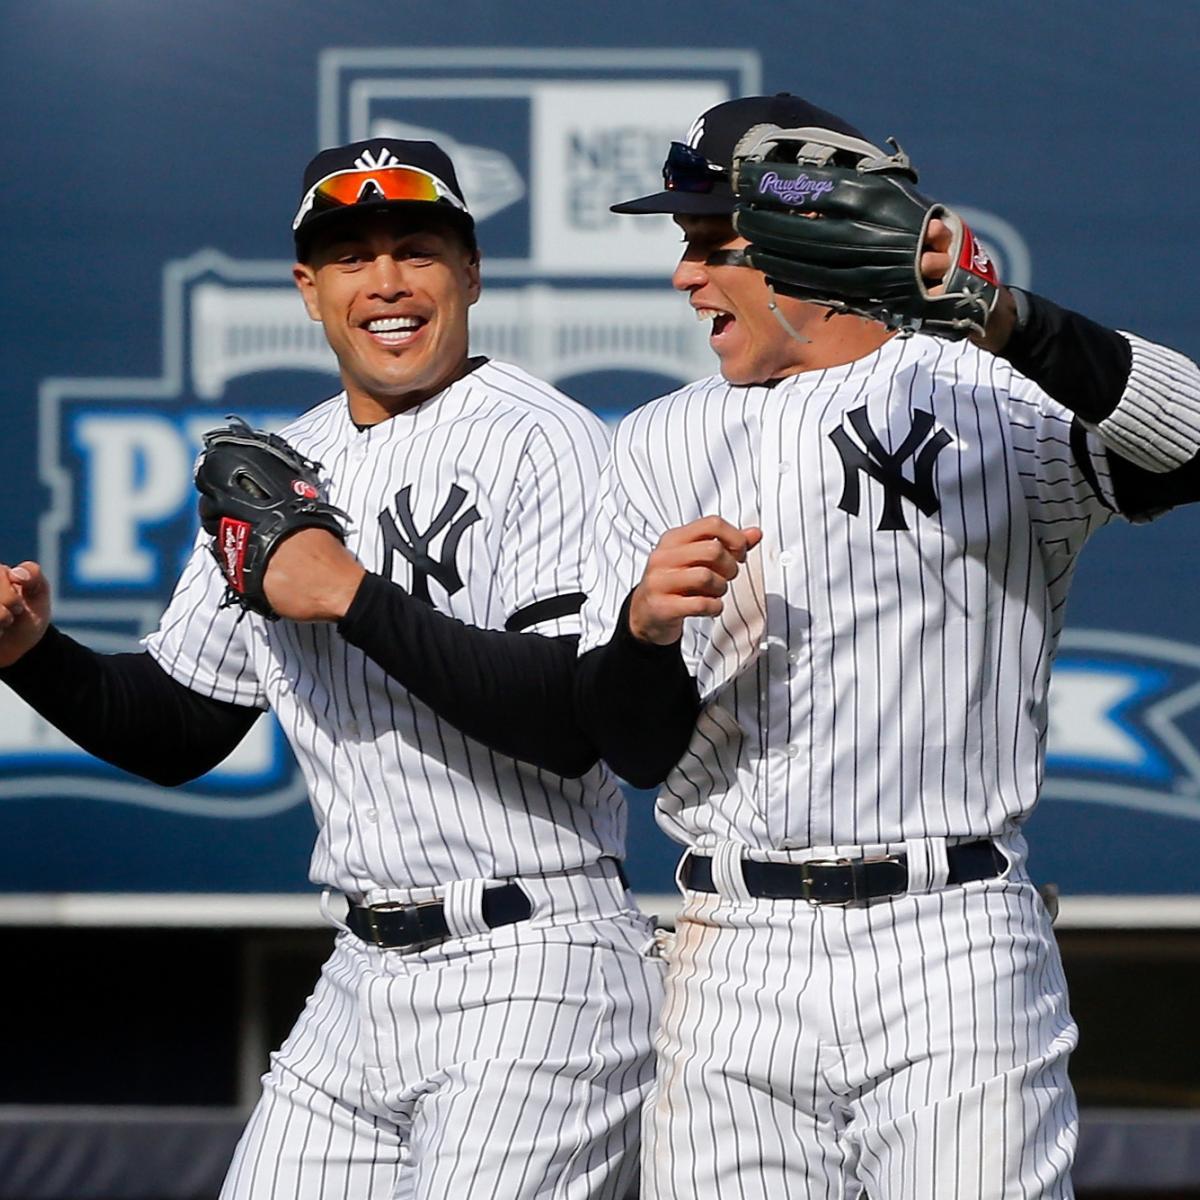 Mike Fiers Stanton Tweet: Yankees News: Aaron Judge, Giancarlo Stanton May Return